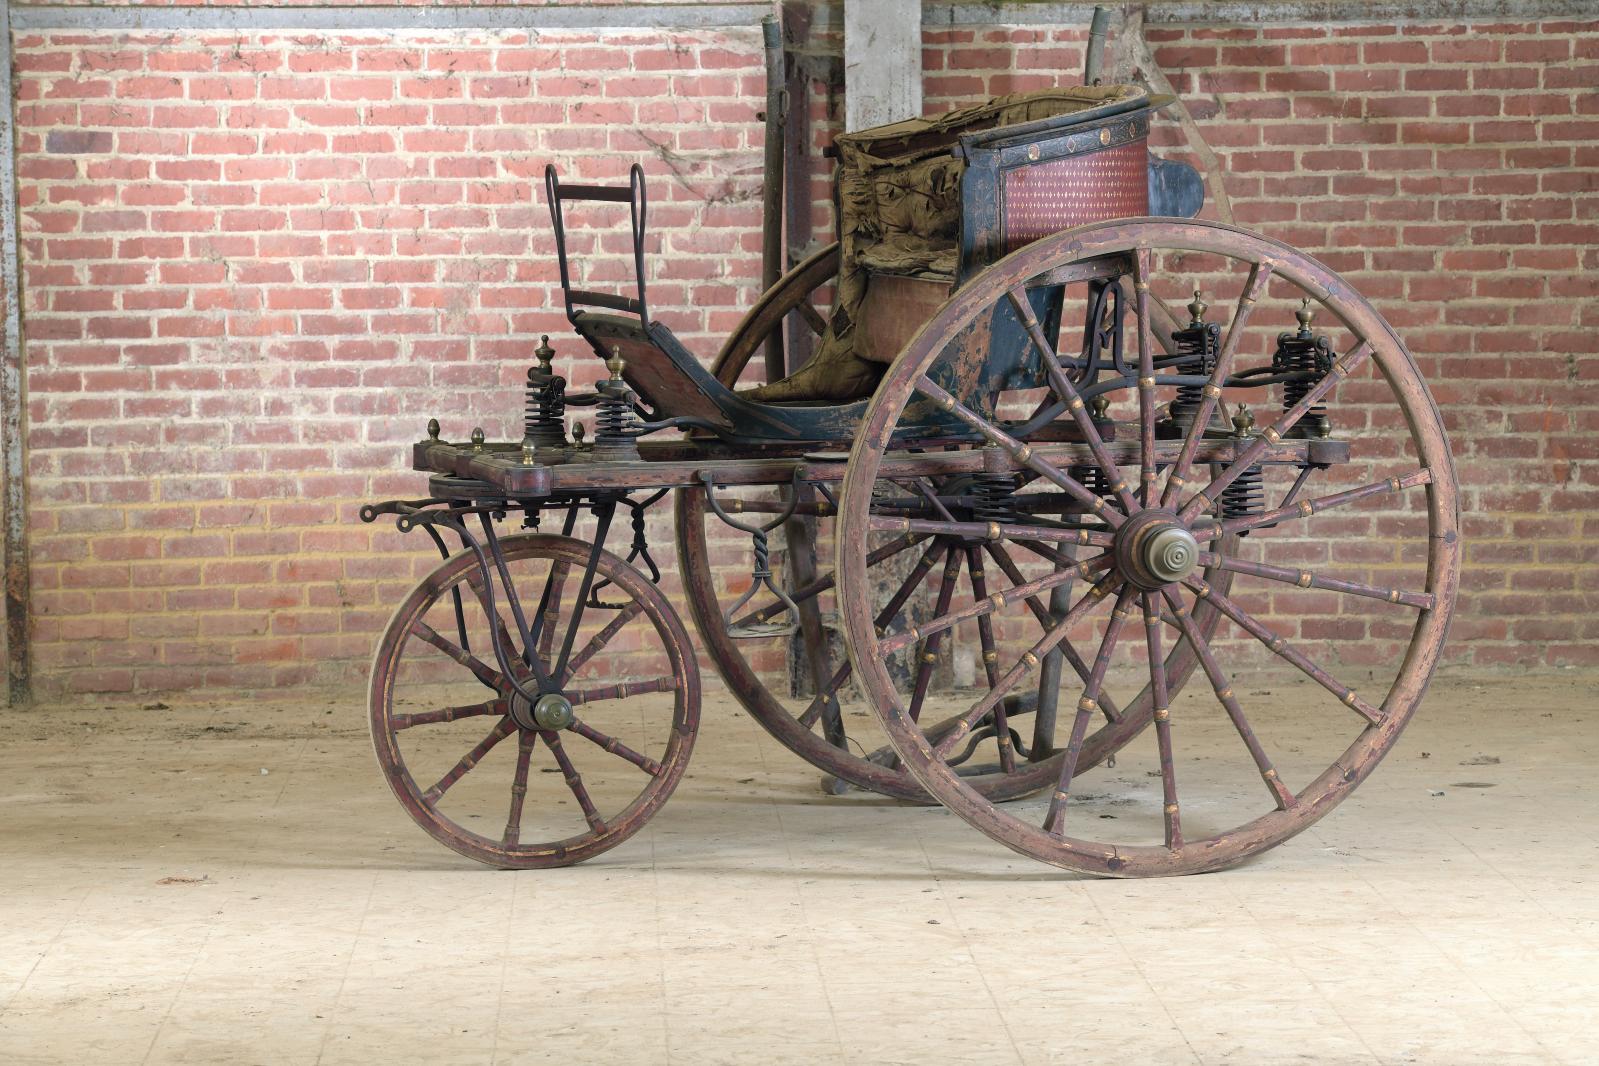 Voiture à trois roues dite «trirote», vers 1800, construite à Pavie (Italie) par Antonio Bottigella, 171x230x160cm. Estimation: 300